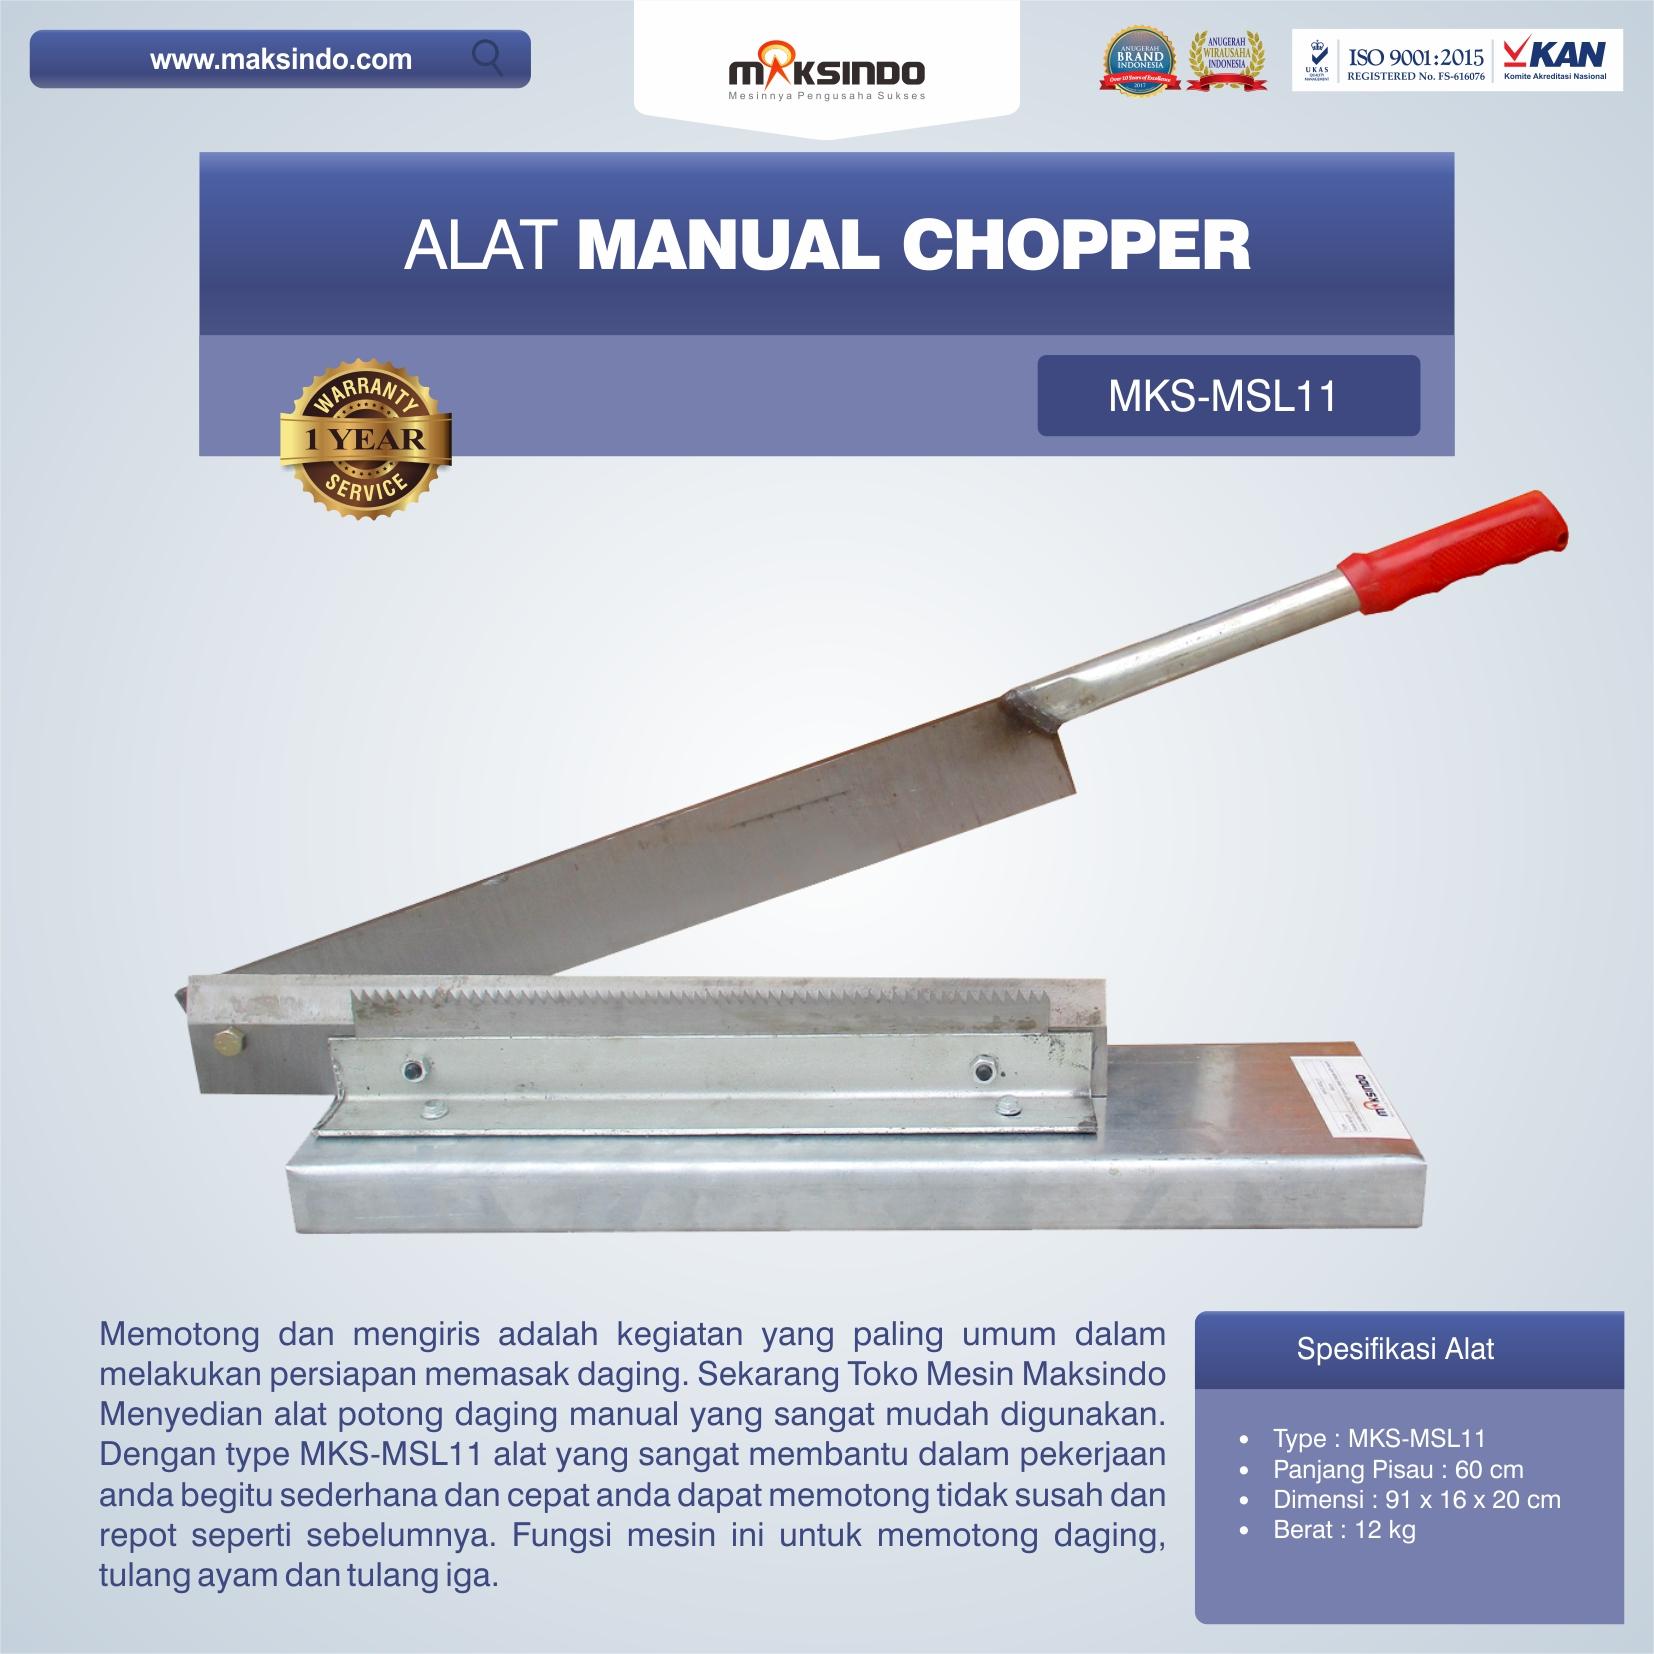 Jual Alat Manual Chopper MKS-MSL11 di Semarang